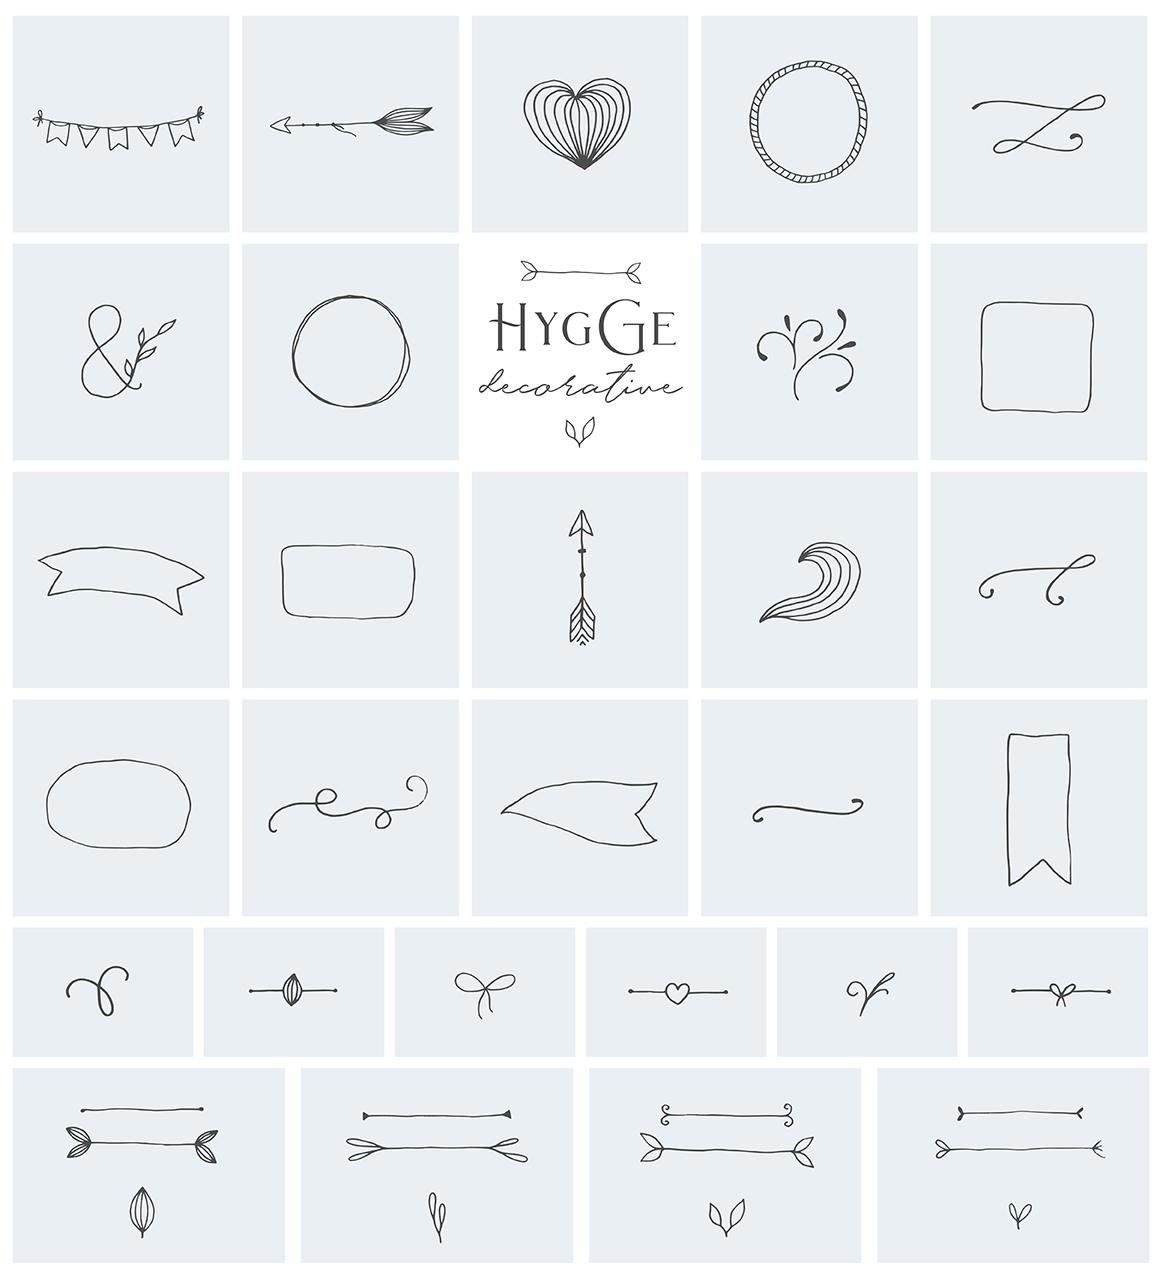 柔美手绘花卉植物元素徽标标志设计矢量素材 Hygge Collection插图(3)